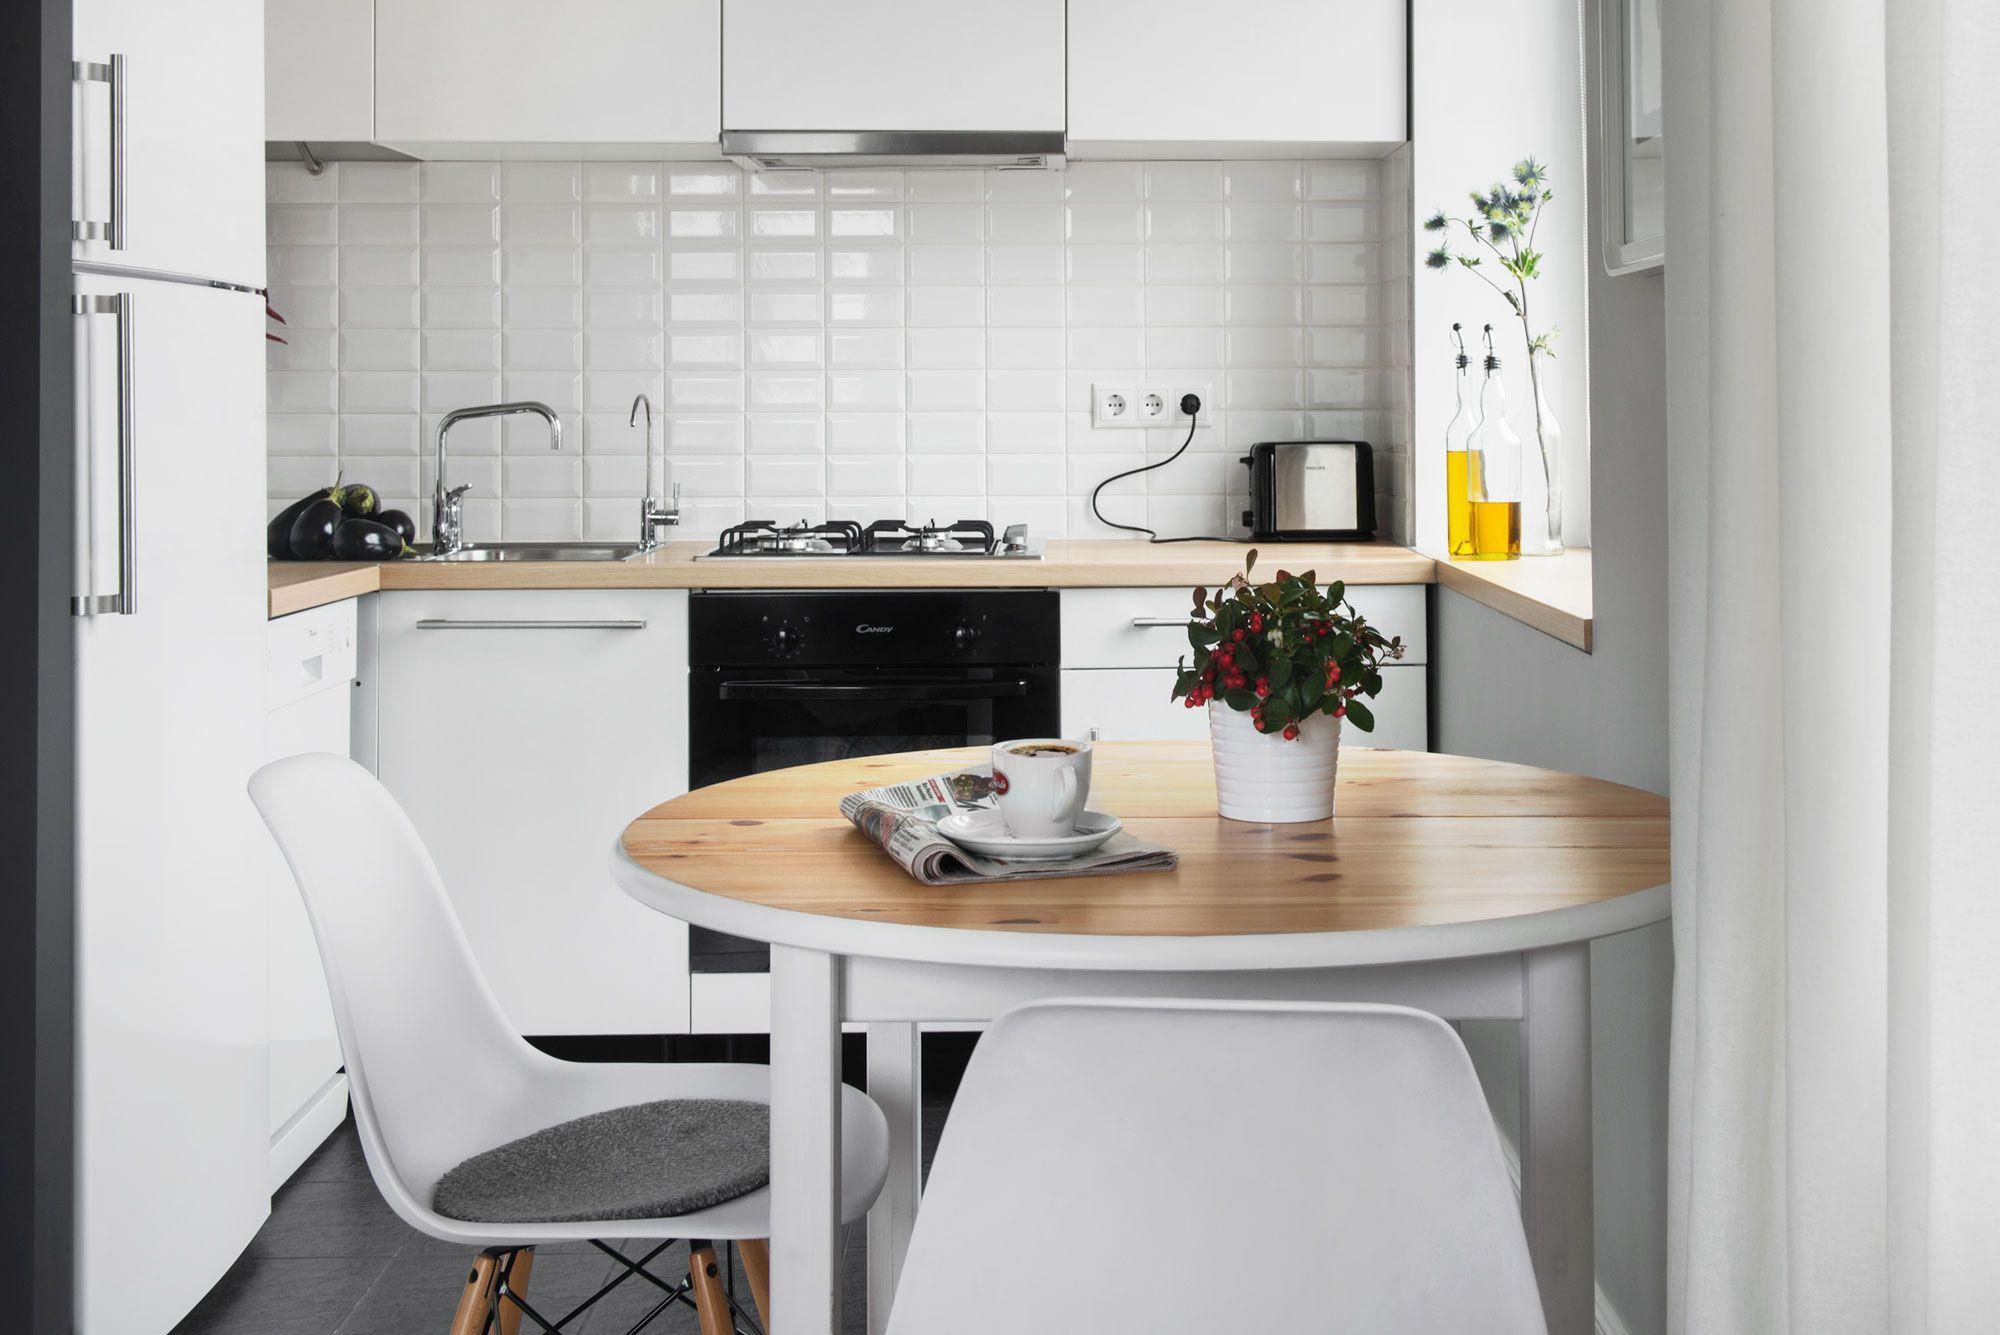 Картинки дизайна кухни маленькой площади